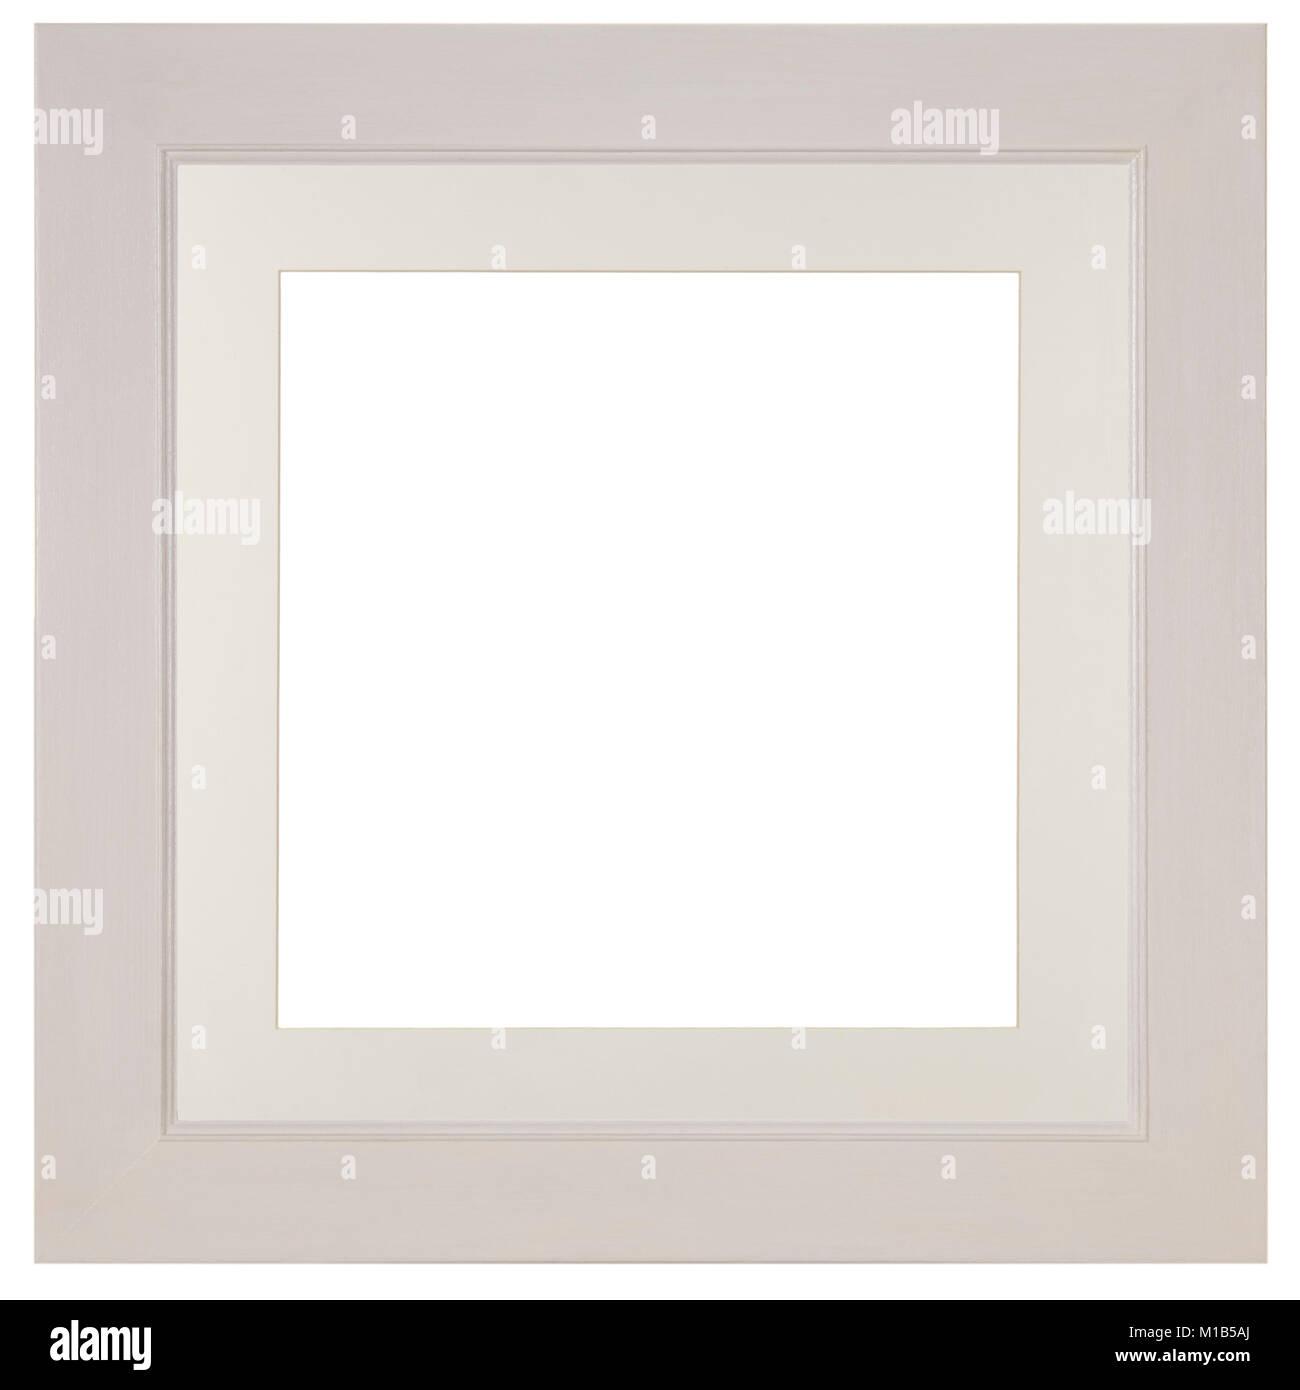 Nett Hausgemachte Rustikale Bilderrahmen Fotos - Benutzerdefinierte ...